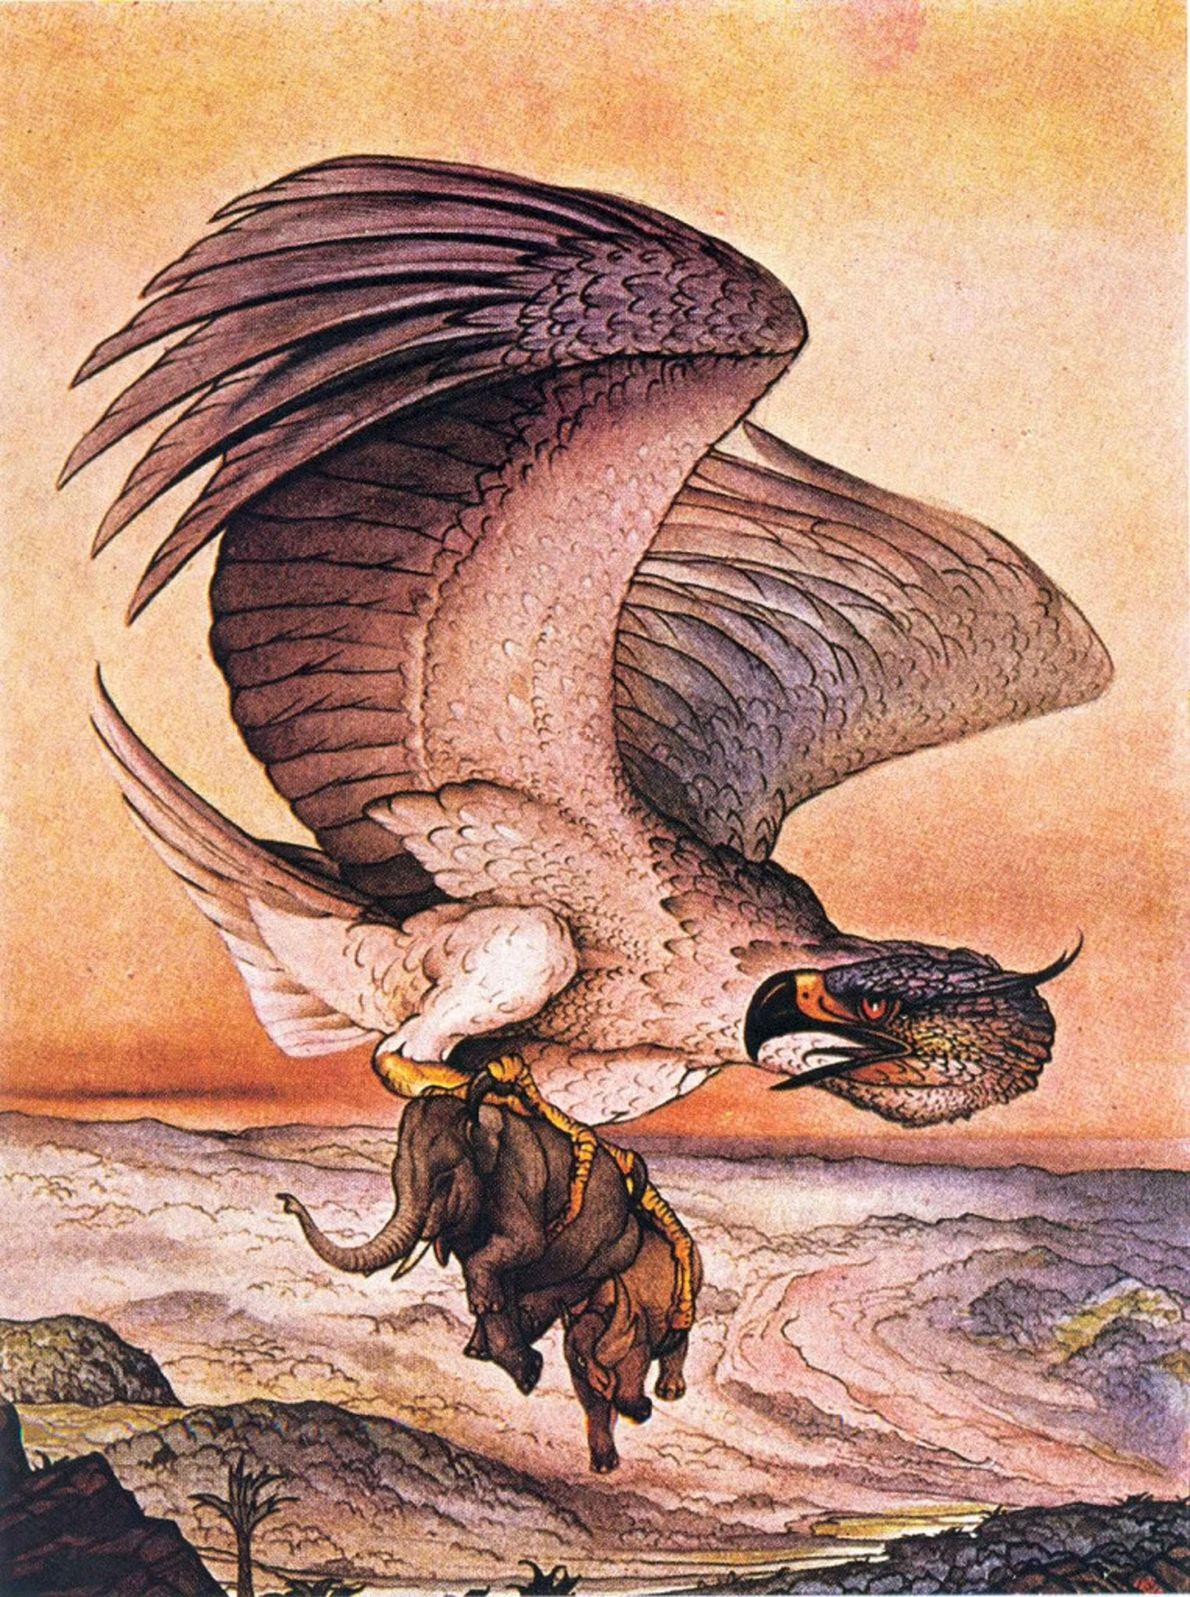 Na lenda árabe de Simbad, o Marujo, um pássaro chamado Roc levanta um elefante do chão ...